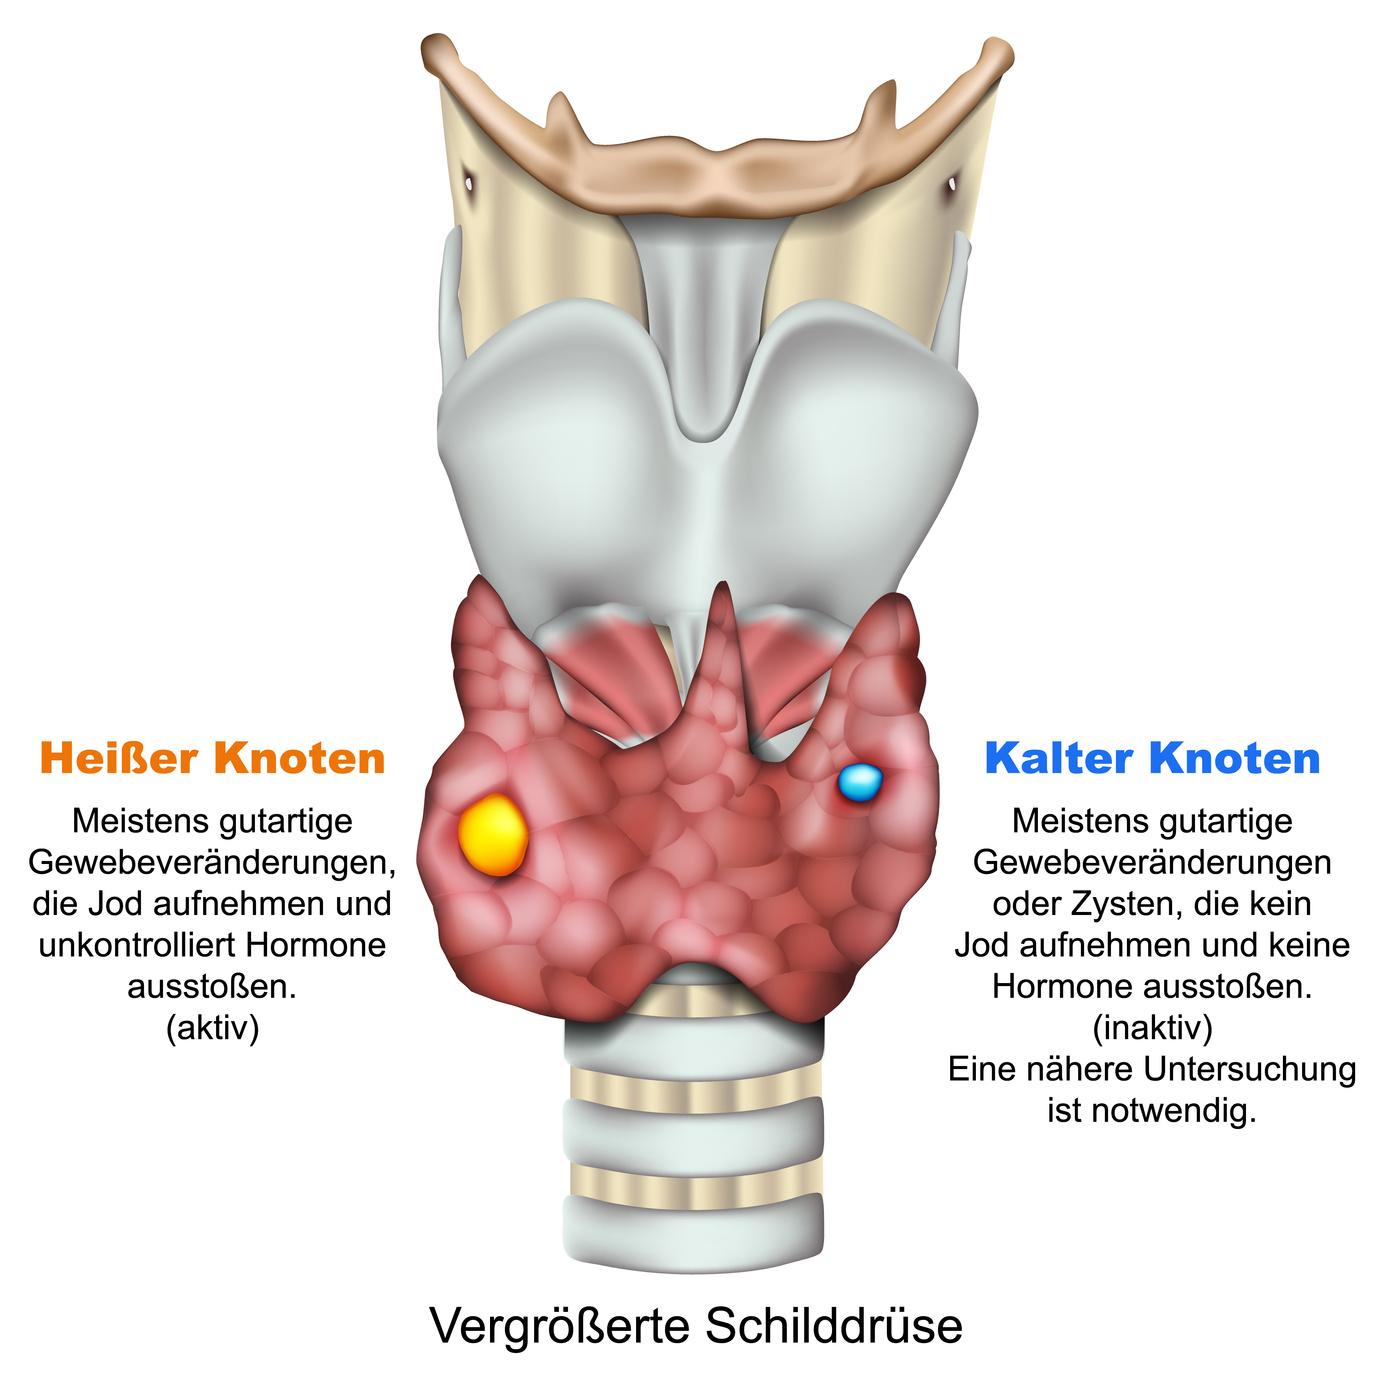 Узлы щитовидной железы могут быть холодными и горячими.